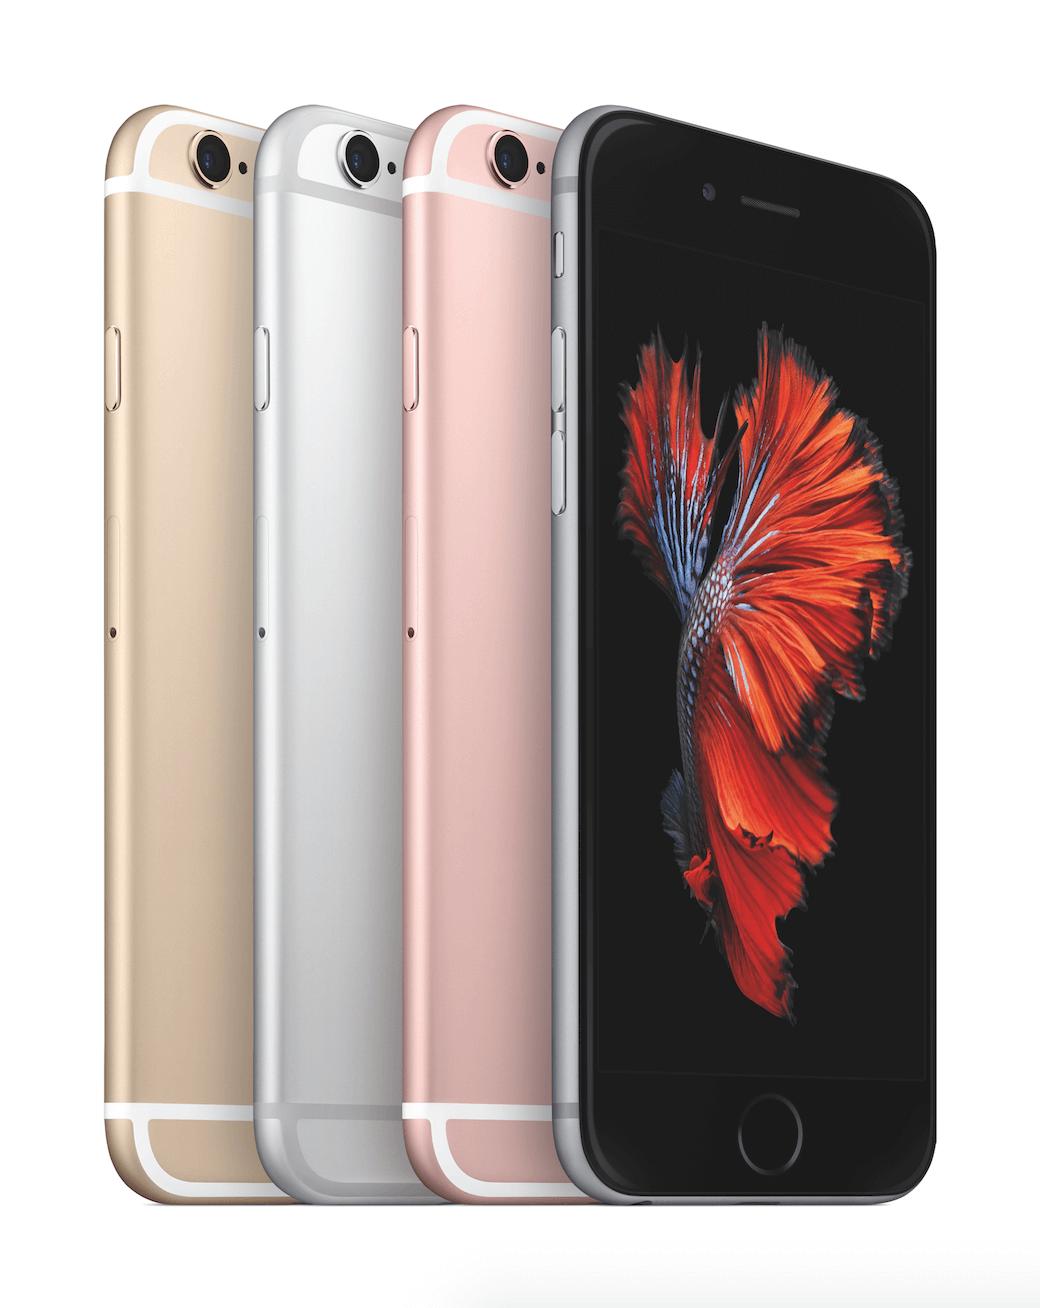 Wenn das iPhone baden geht: Erste Hilfe fürs Smartphone 1